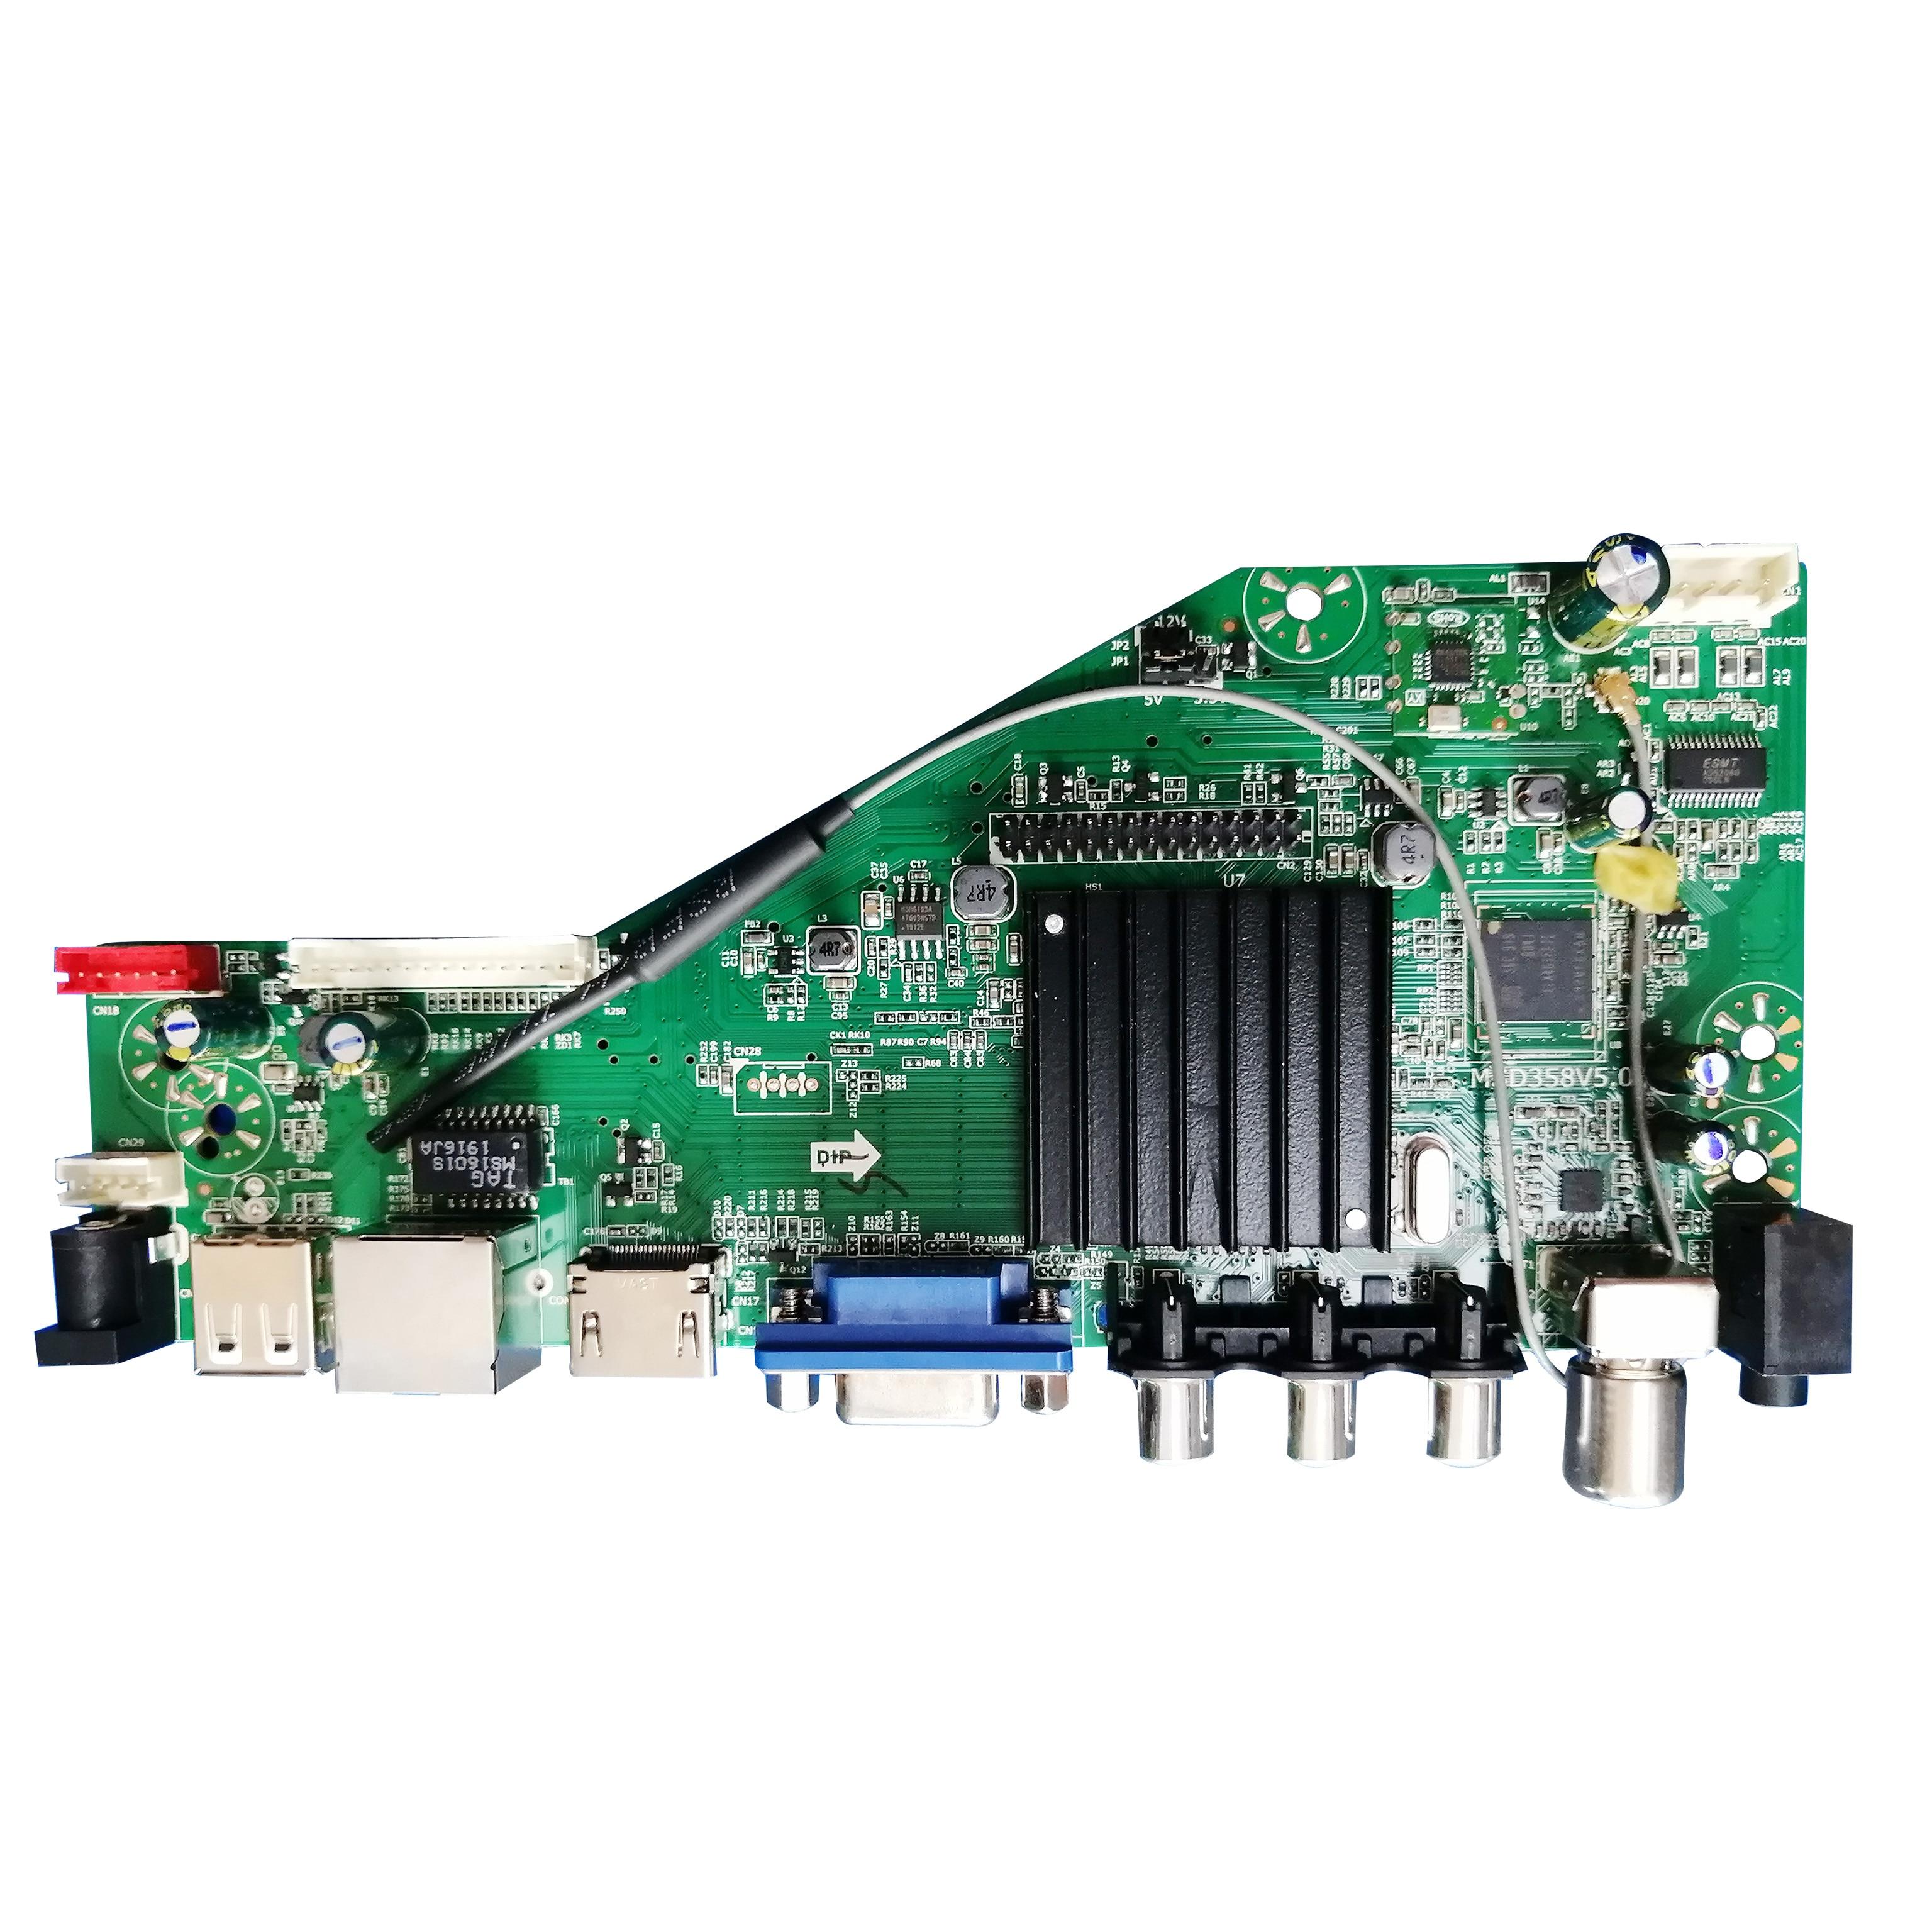 Msd358v5.0 android 8.0 1g + 4g 4 núcleos de rede sem fio inteligente tv placa motorista universal lcd placa mãe wi-fi 3.3/5/12 v